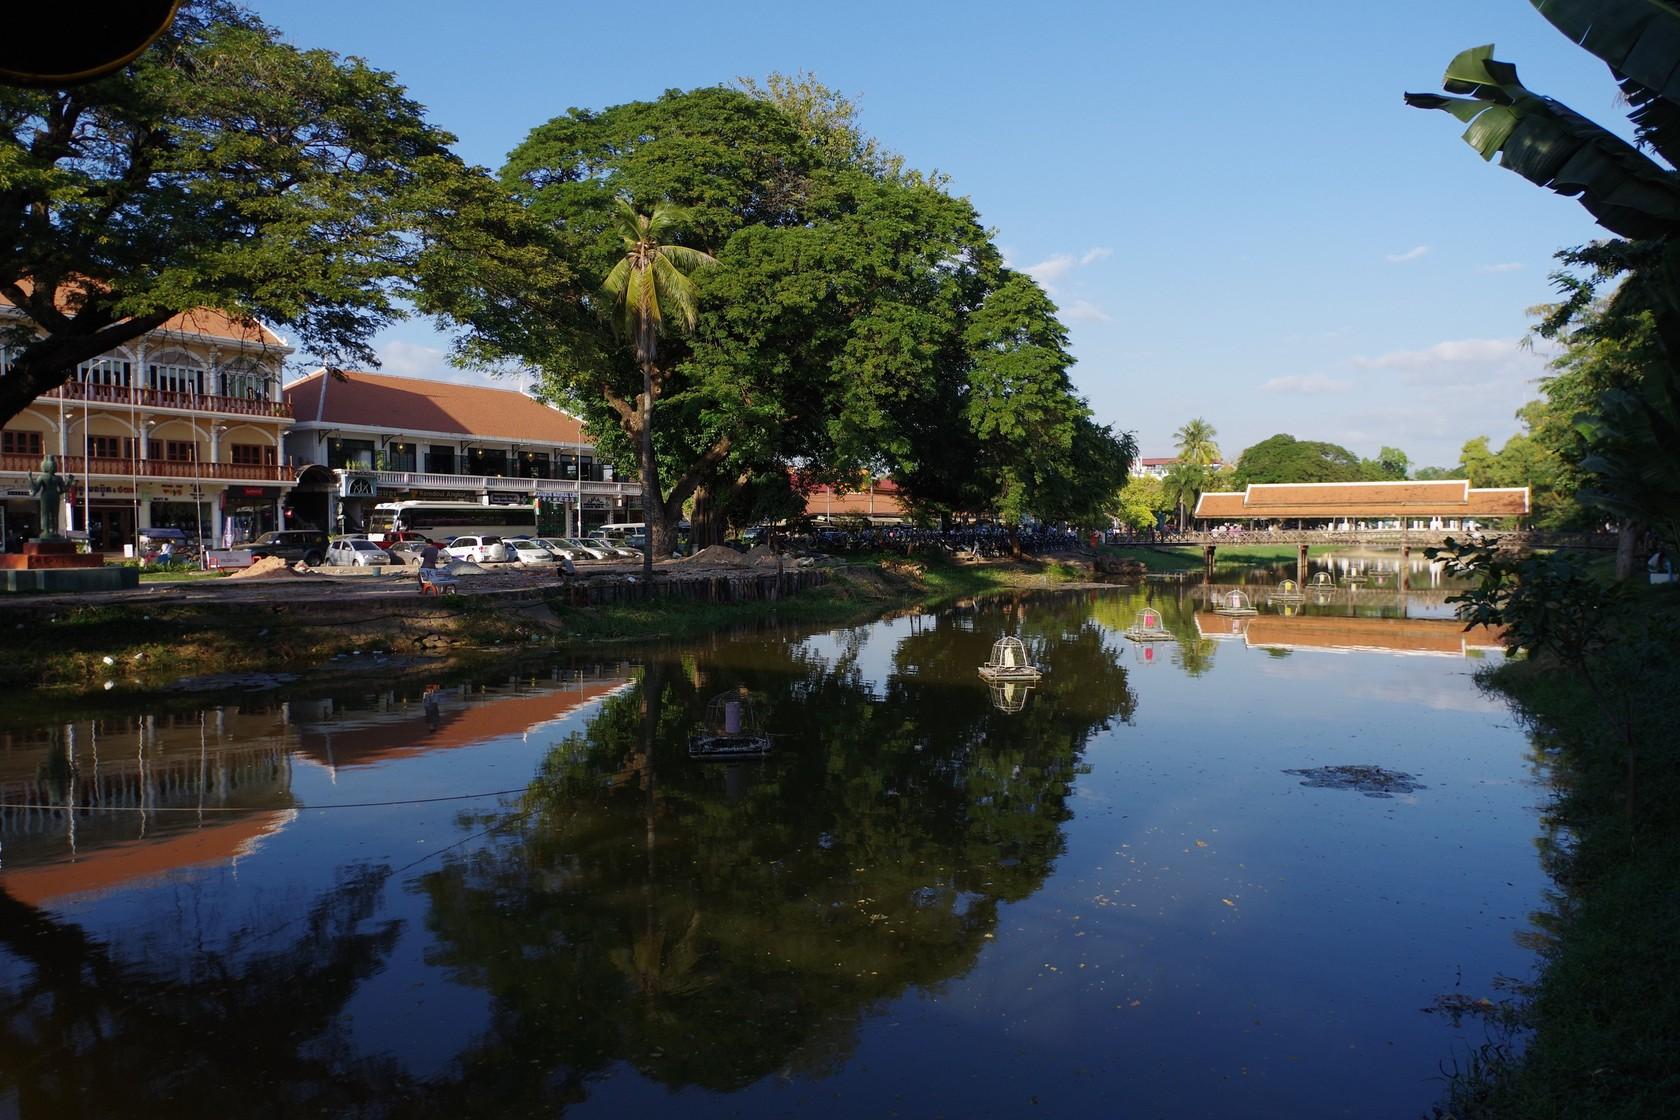 暹粒藝術市場旁的河道景色